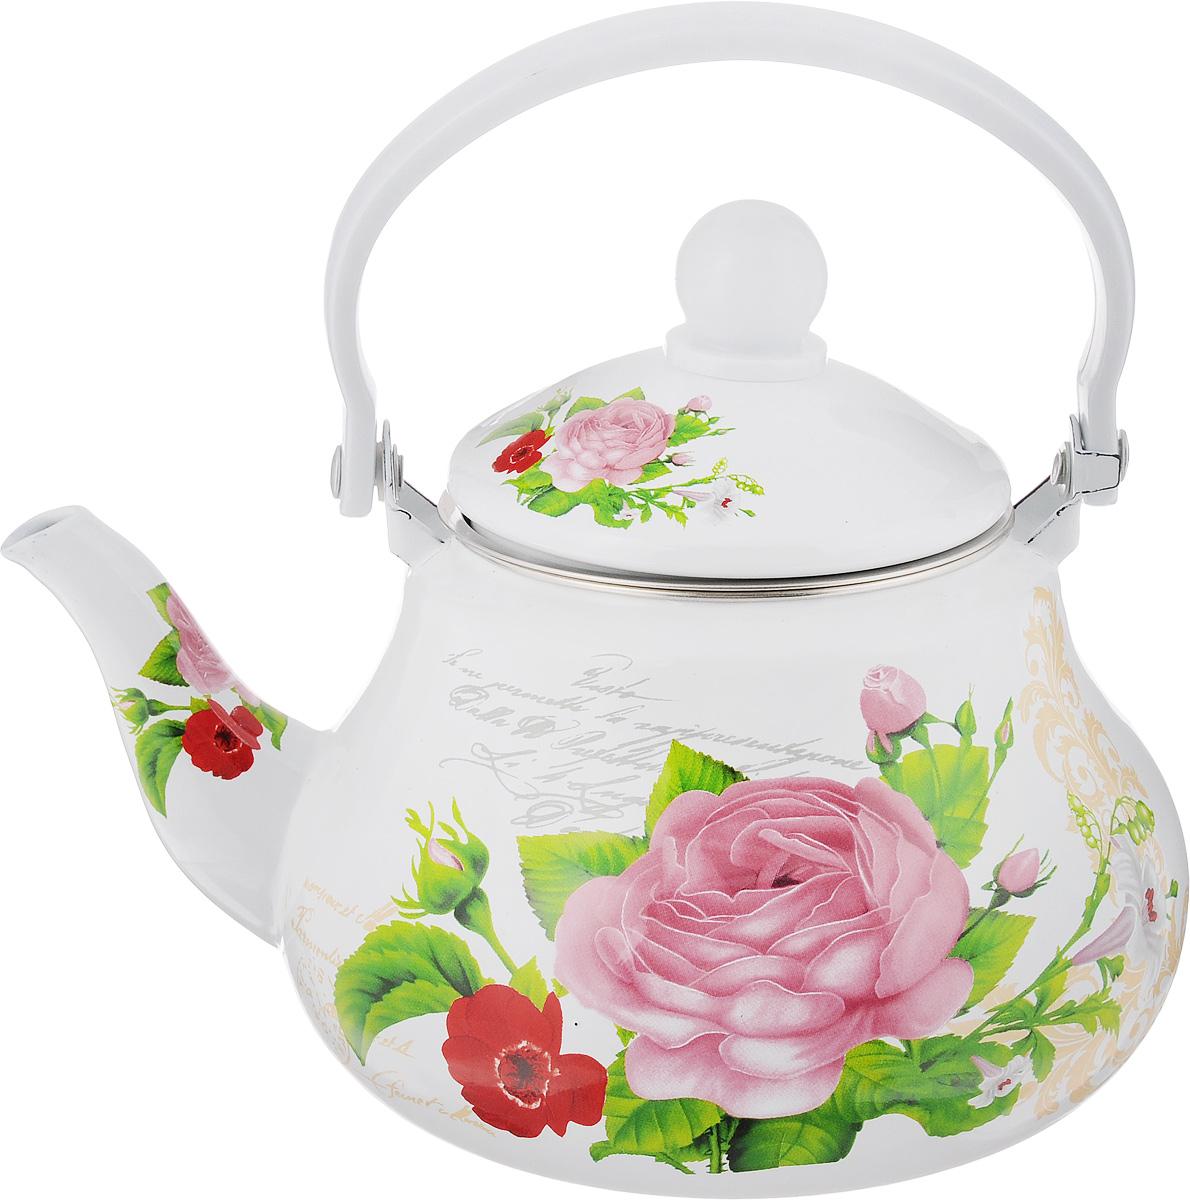 Чайник заварочный Mayer & Boch Розы, эмалированный, 1,5 л68/5/3Заварочный чайник Mayer & Boch Роза изготовлен из высококачественной углеродистой стали с эмалированным покрытием. Такое покрытие защищает сталь от коррозии, придает посуде гладкую стекловидную поверхность и надежно защищает от кислот и щелочей. Изделие прекрасно подходит для заваривания вкусного и ароматного чая, травяных настоев. Чайник оснащен сетчатым фильтром, который задерживает чаинки и предотвращает их попадание в чашку. Оригинальный дизайн сделает чайник настоящим украшением стола. Он удобен в использовании и понравится каждому. Подходит для использования на газовых, стеклокерамических, электрических, галогеновых и индукционных плитах. Можно мыть в посудомоечной машине. Диаметр чайника (по верхнему краю): 9,8 см. Высота чайника (без учета крышки): 10,7 см.Толщина стенок: 0,8 мм.